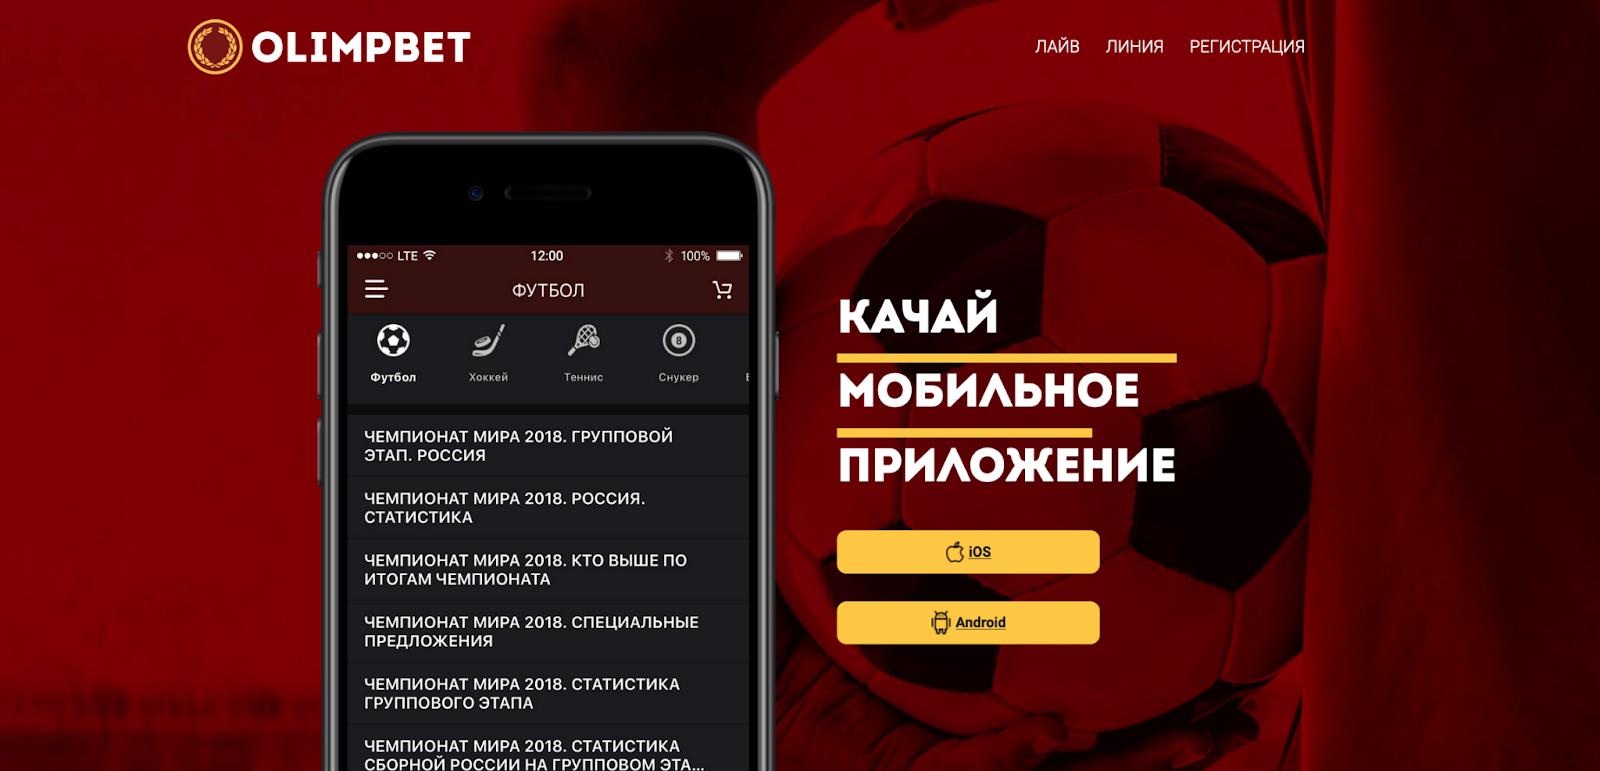 Регистрация через приложение Олимп